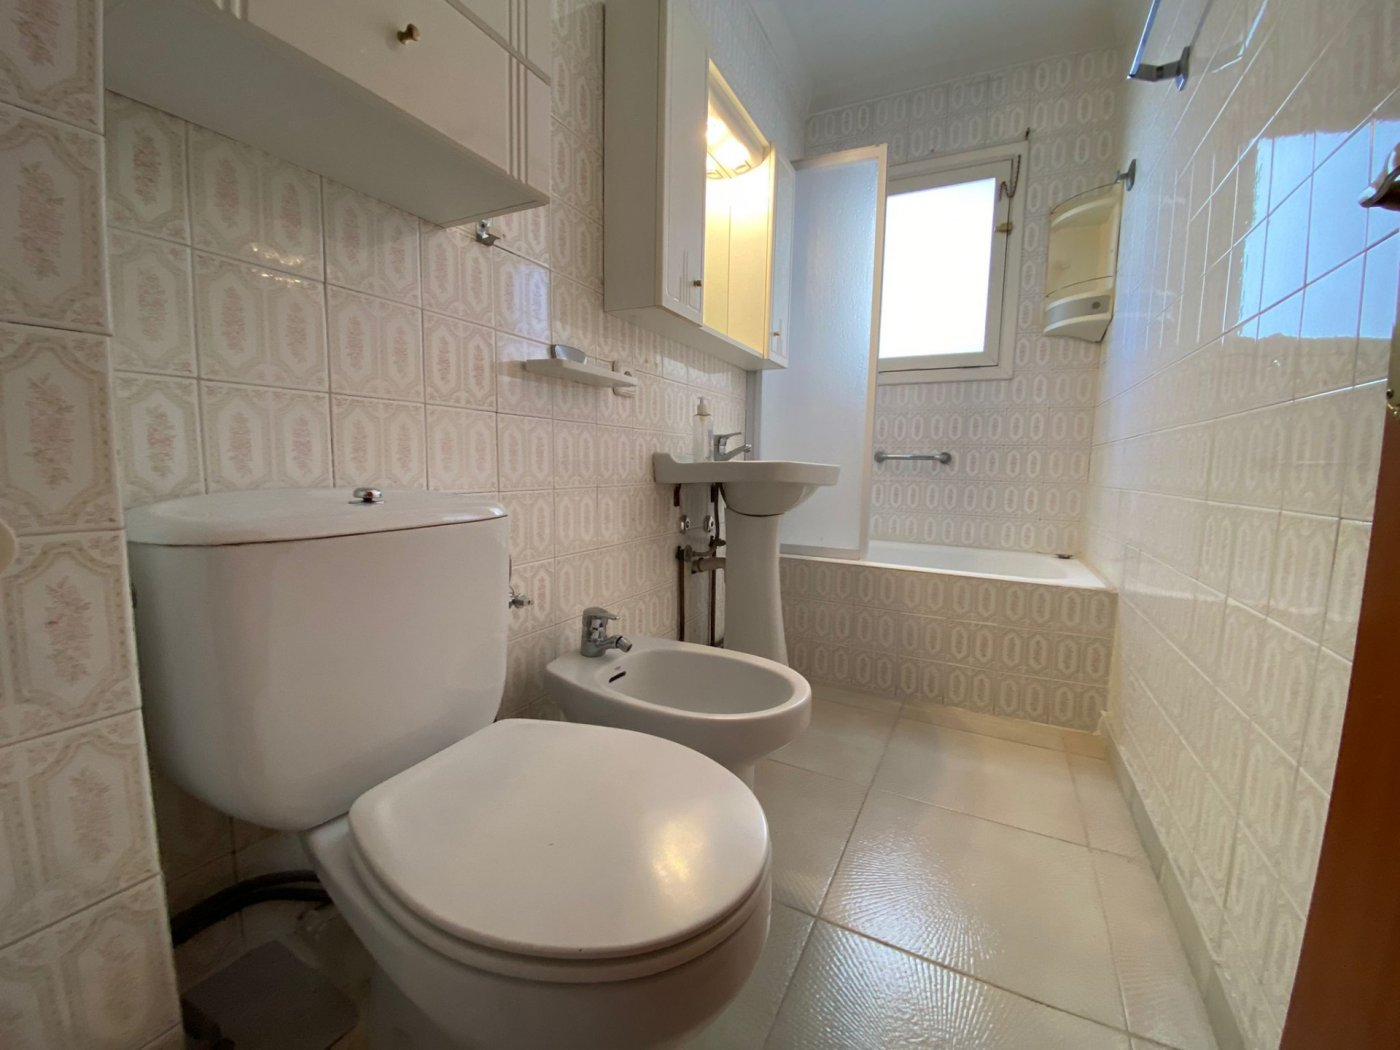 Señorial piso en palma, posibilidad alquiler con opción a compra - imagenInmueble13